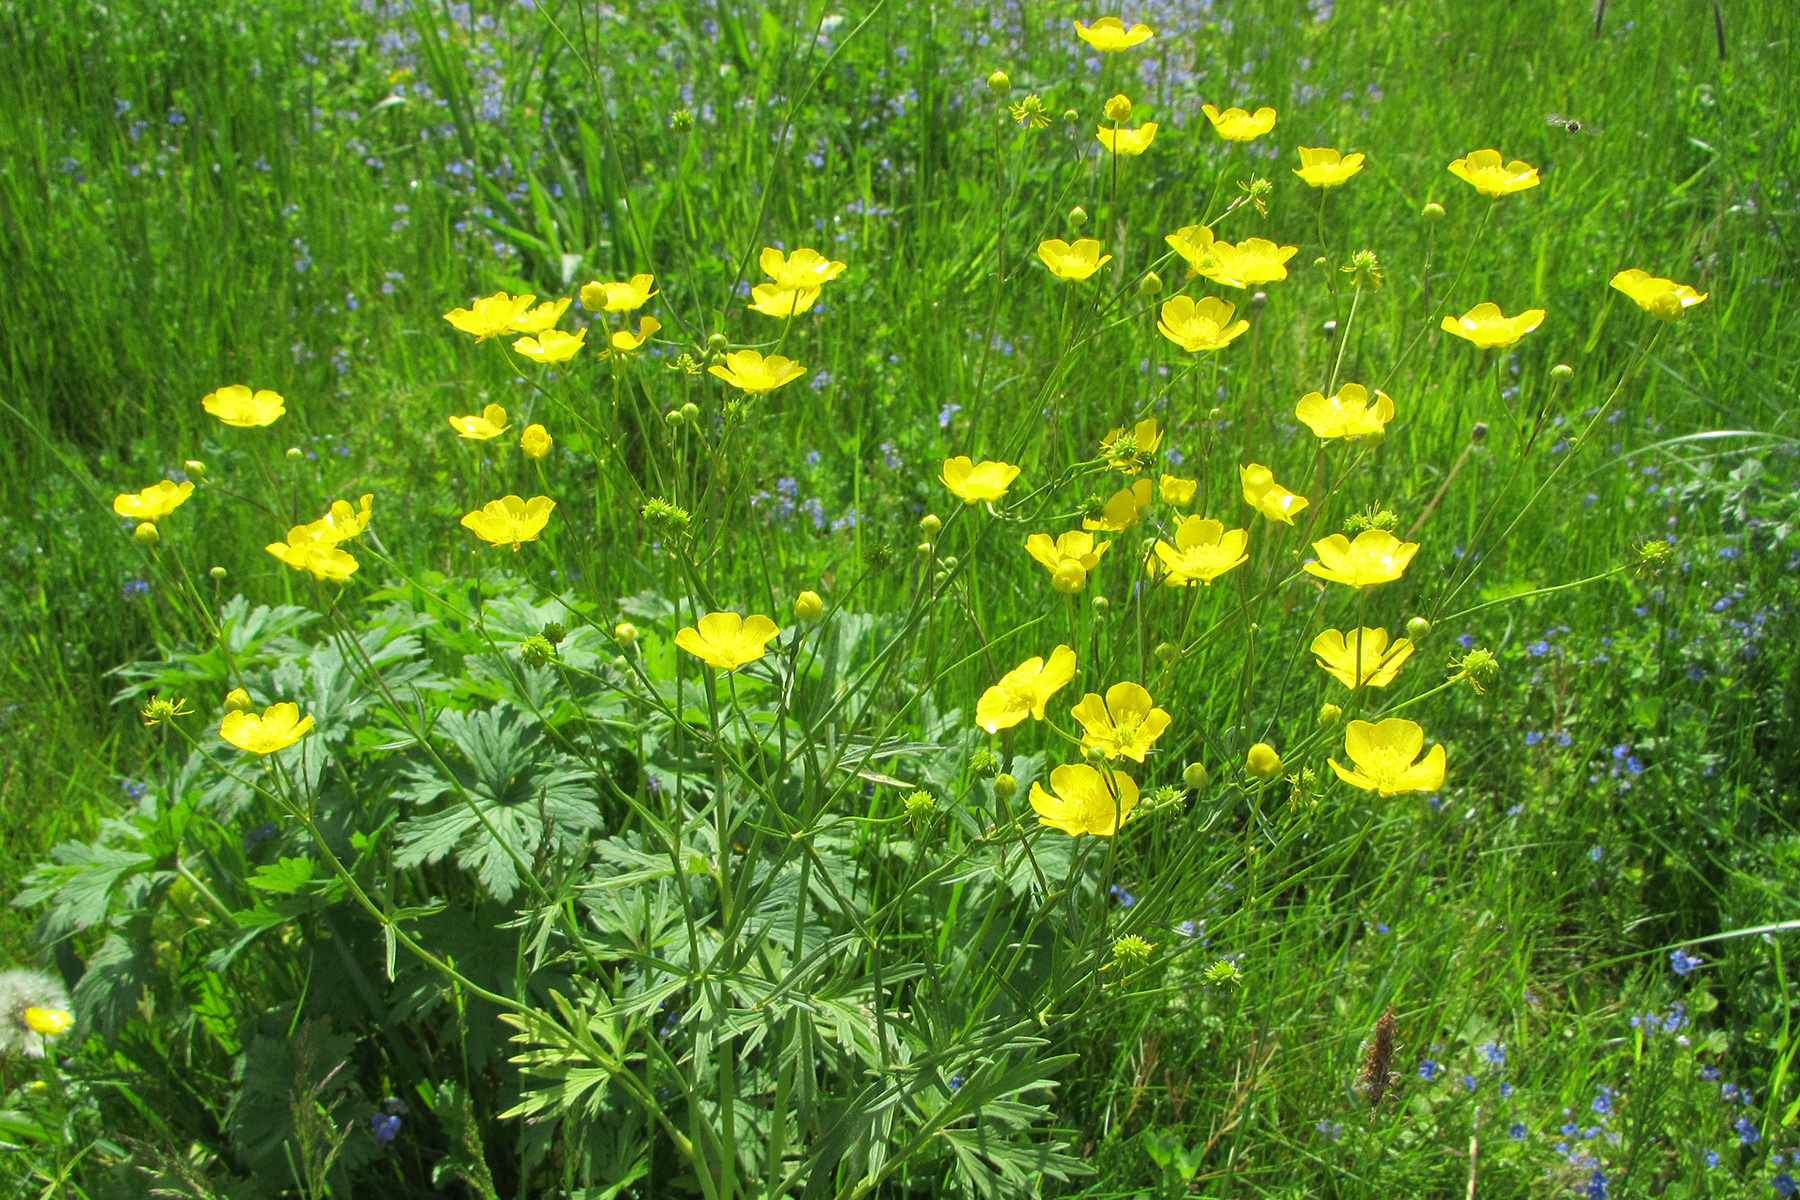 Gartenpflege Blumenwiese